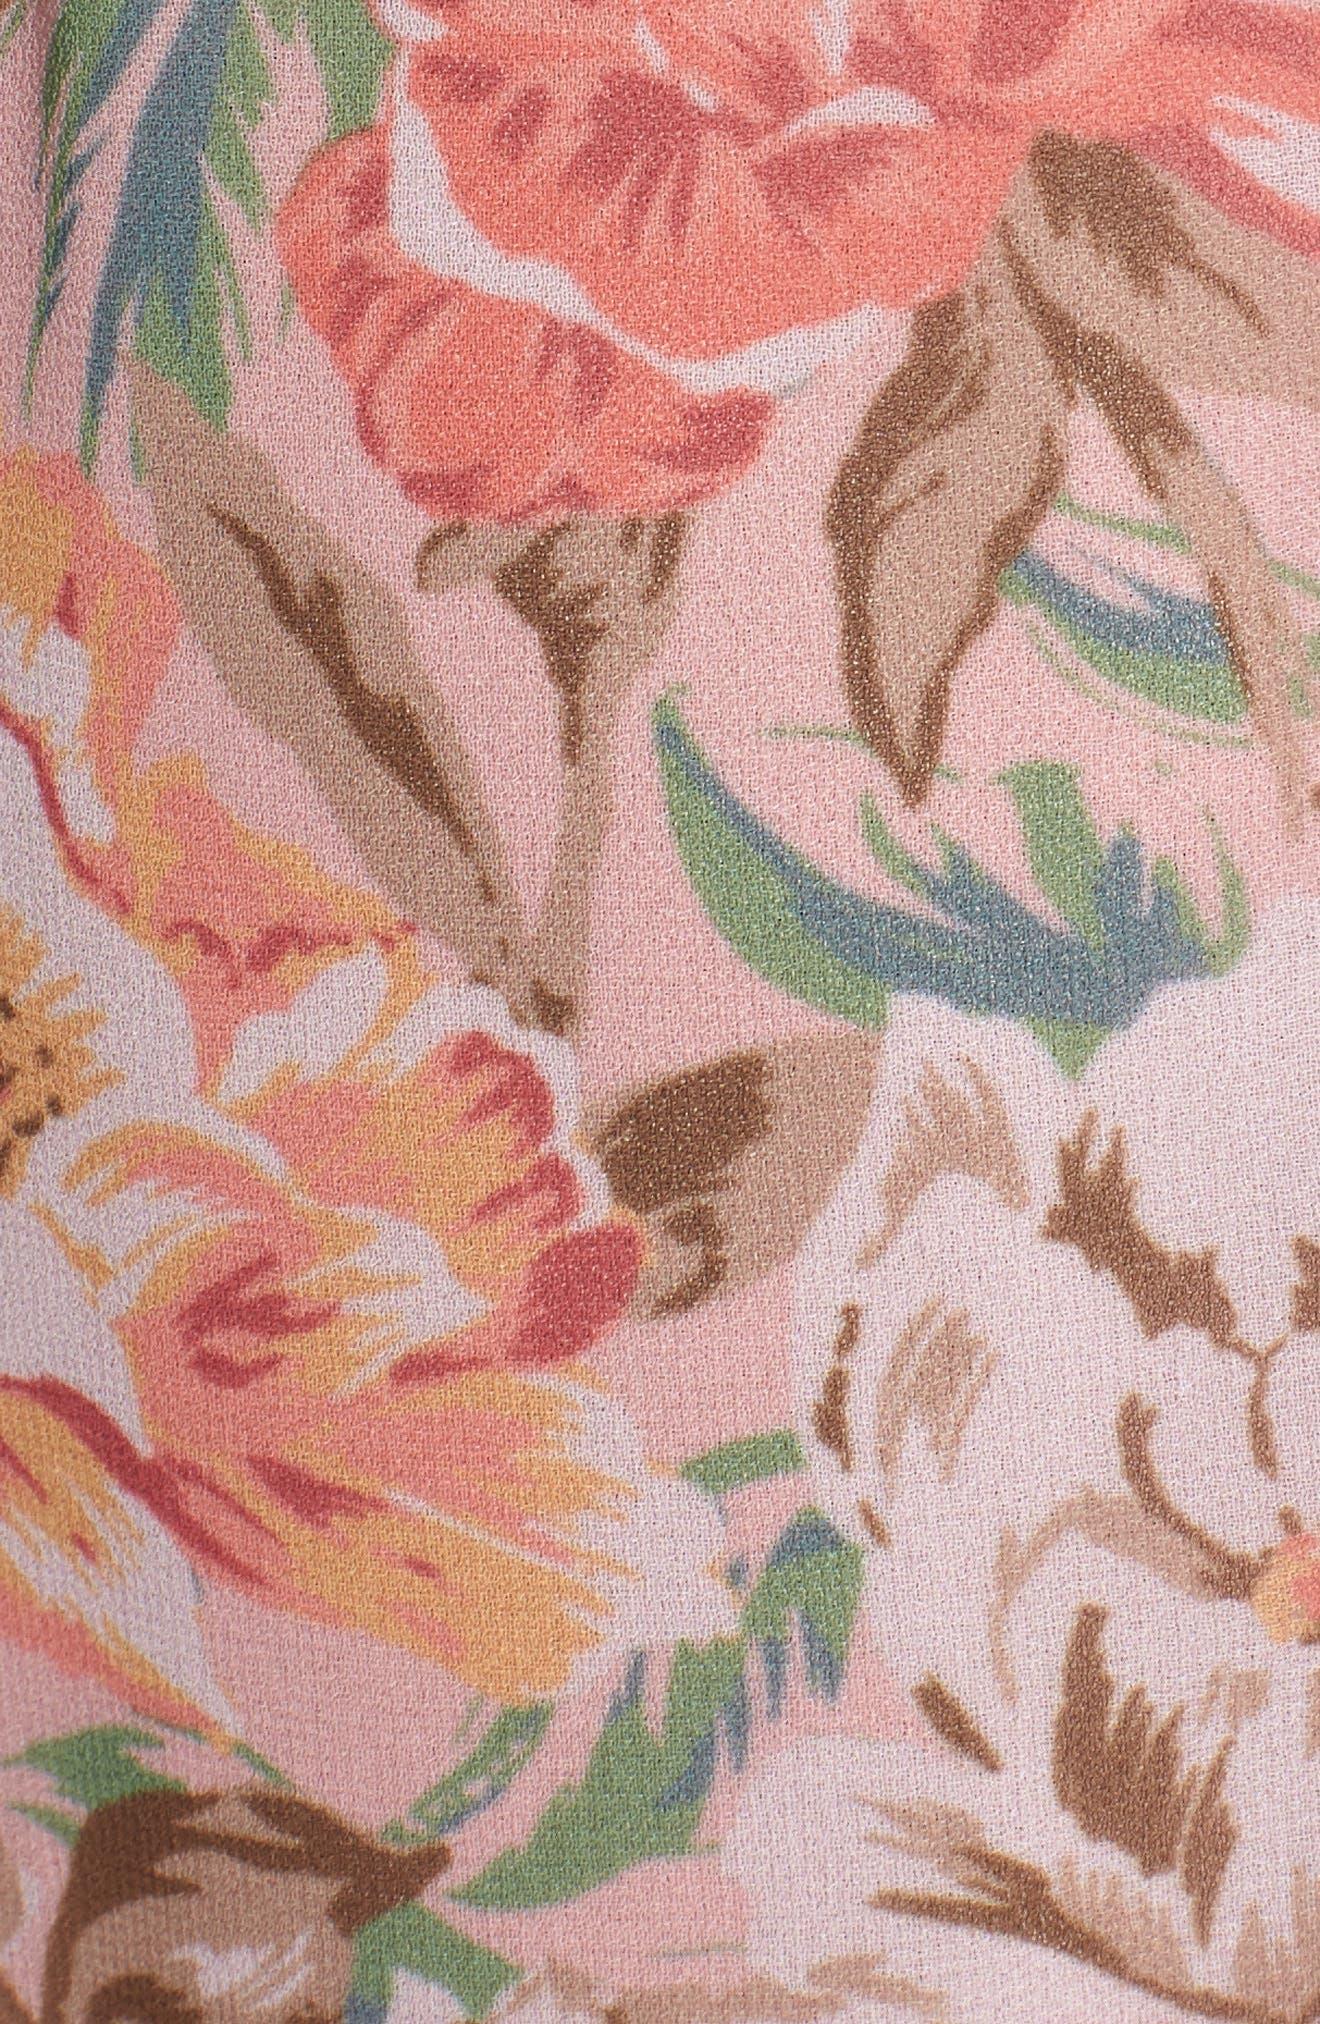 Valerie Blouson Midi Dress,                             Alternate thumbnail 7, color,                             Coral Floral